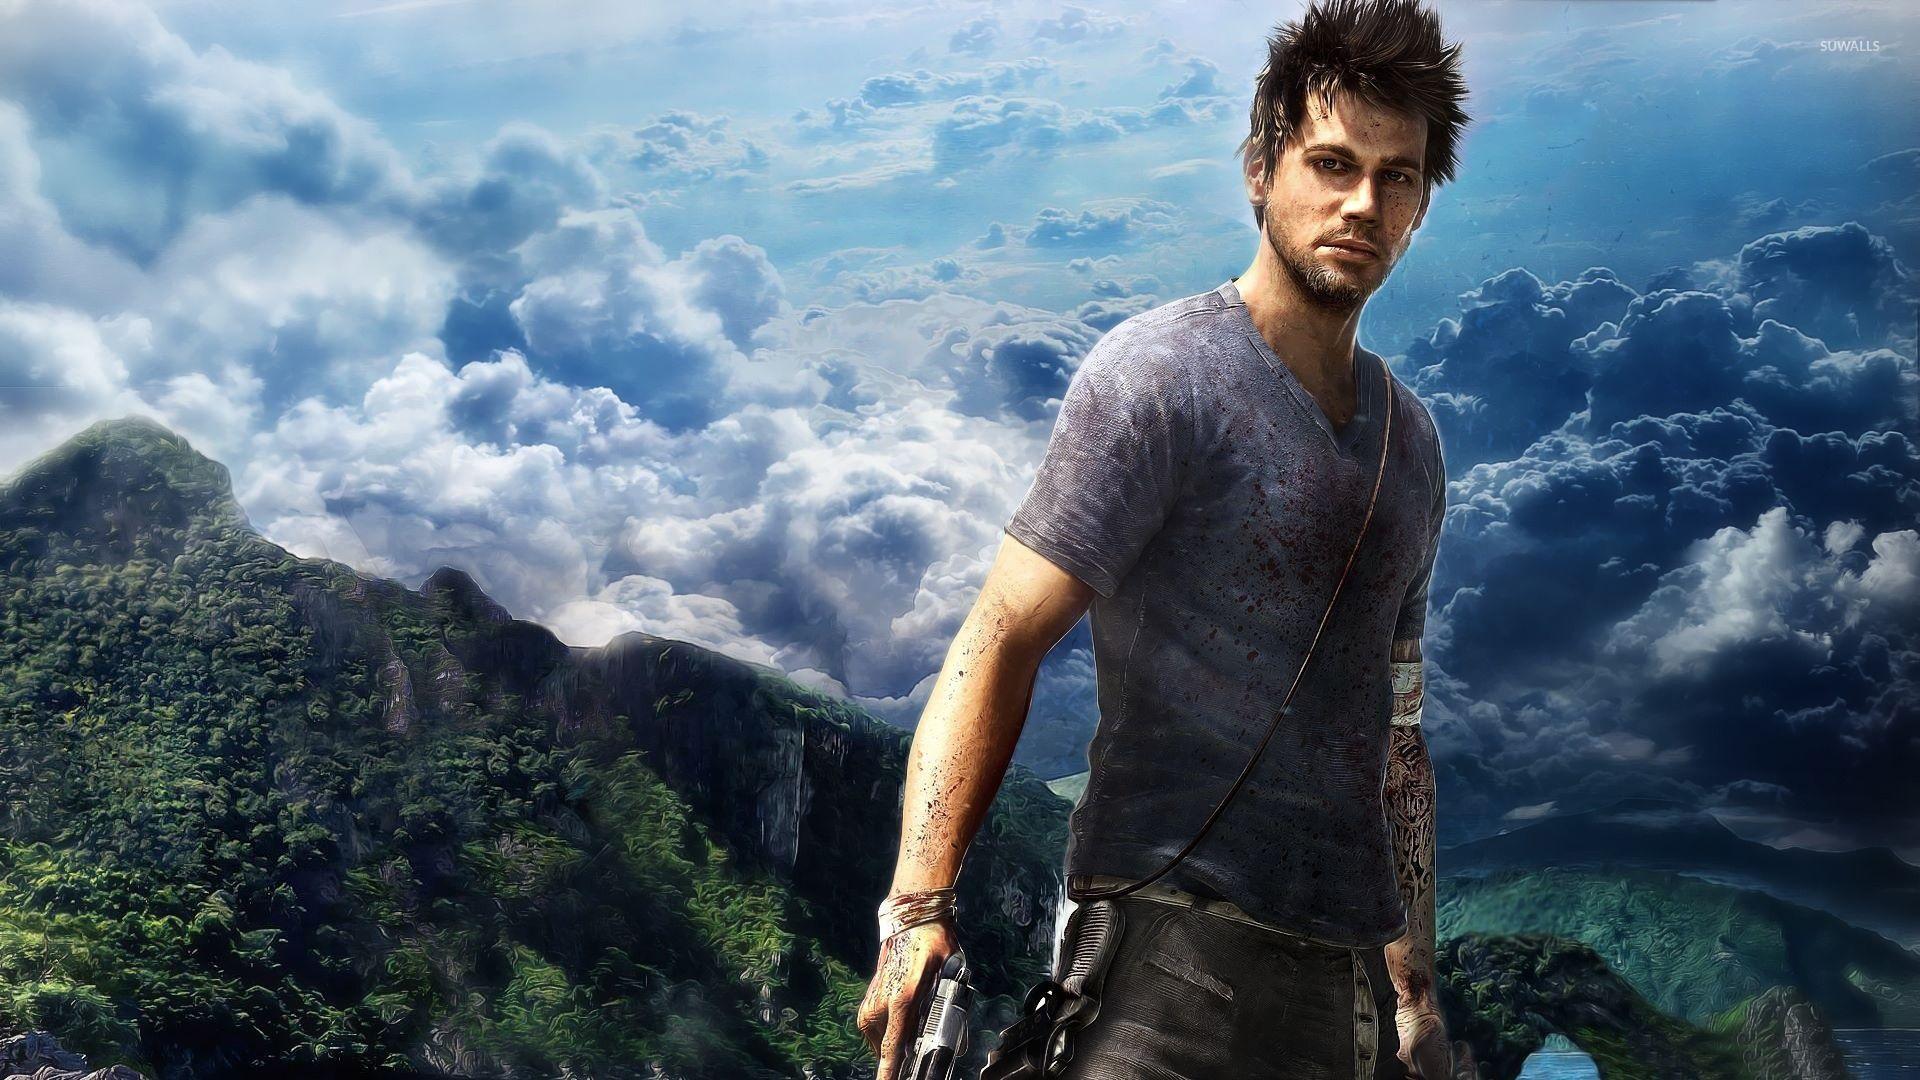 94 Far Cry 3 Papeis De Parede Hd Planos De Fundo Wallpaper Abyss Far Cry 4 Far Cry 3 La Trip